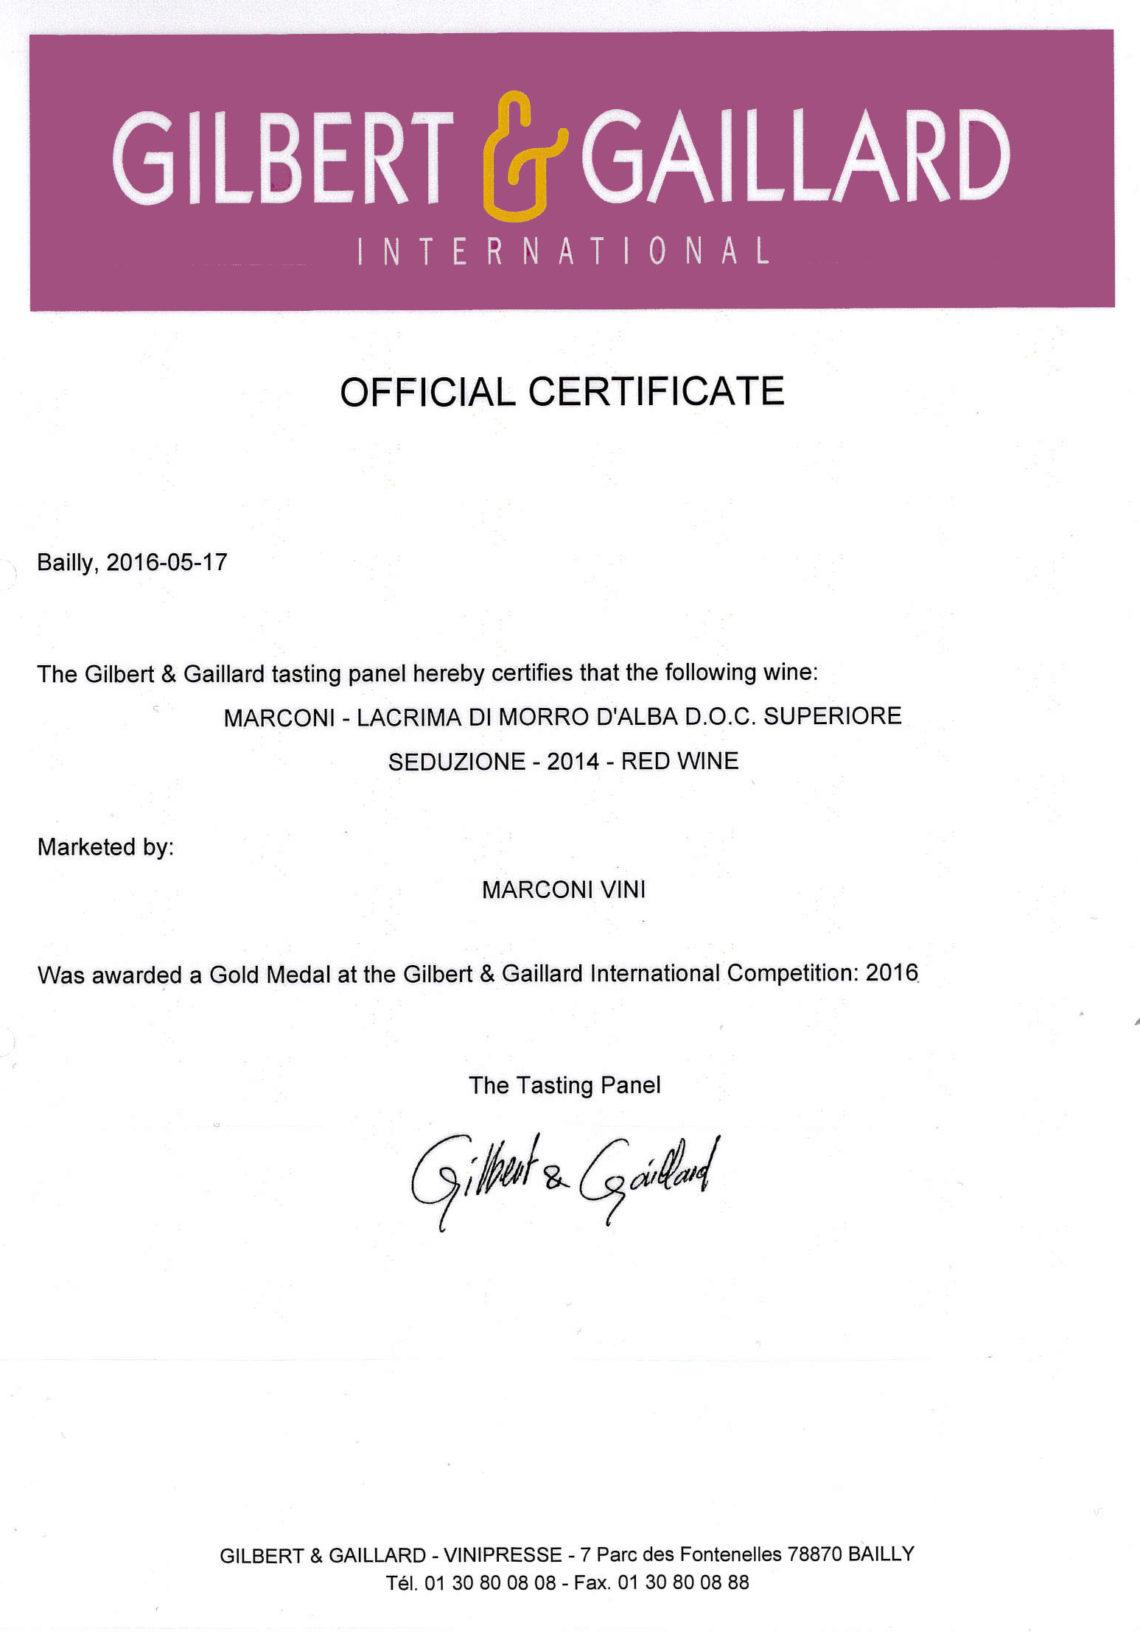 Marconi Vini - Lacrima di Morro d'Alba Superiore 2014 - Seduzione - Gold - Gilbert & Gaillard International 2016